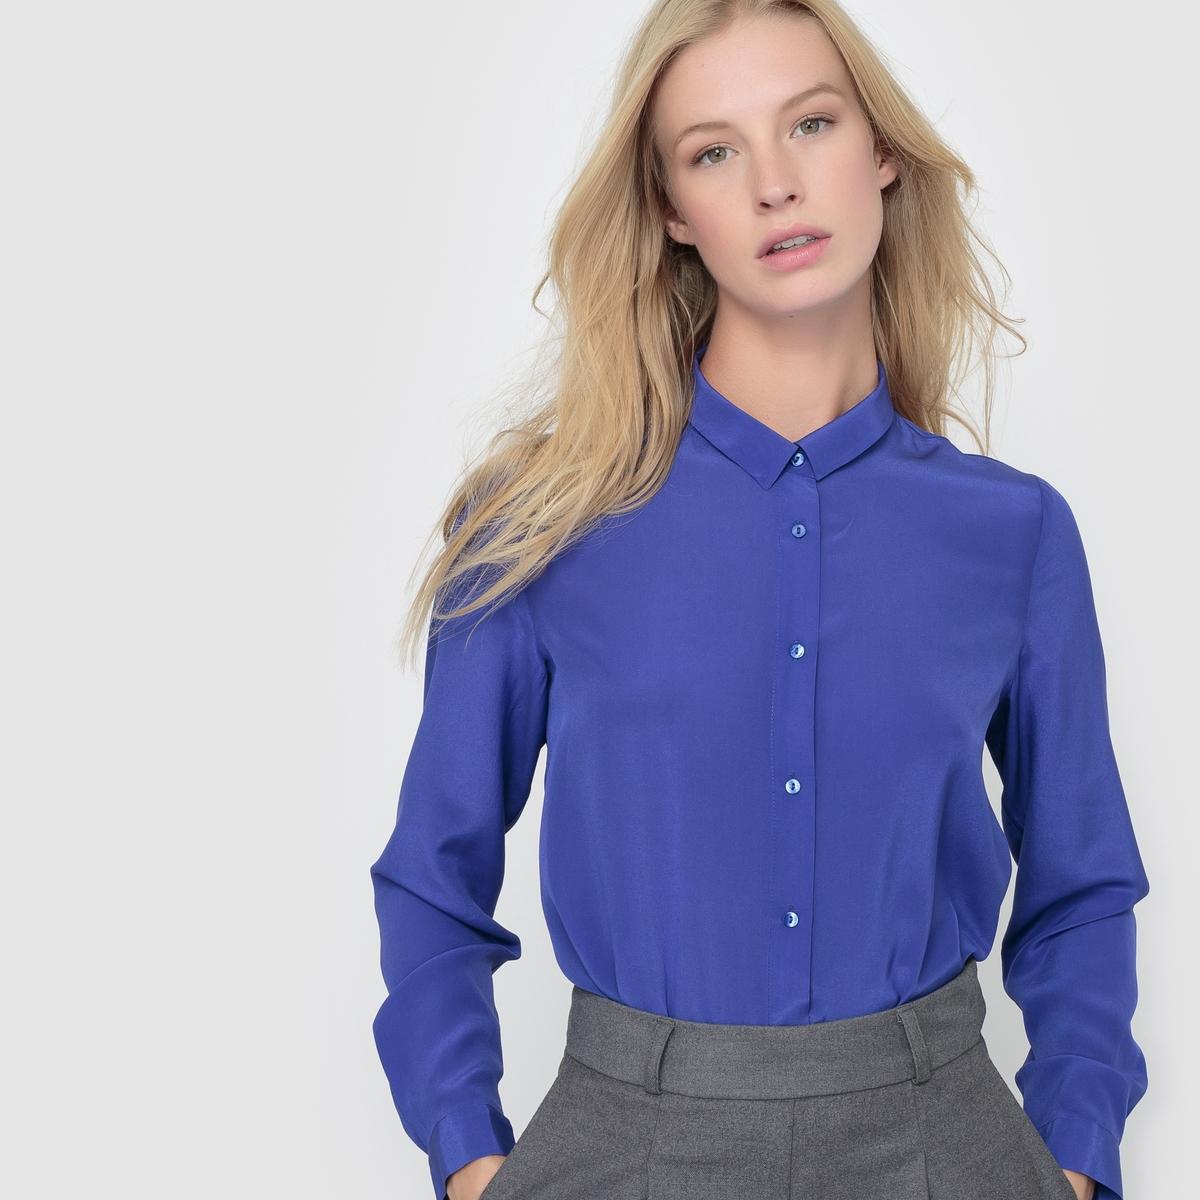 Рубашка 100% шелкаСостав и описаниеМатериал: 100% шелкаДлина: 65 см Марка: R essentiel.   УходРучная стиркаСухая (химическая) чистка разрешенаГладить на низкой температуре<br><br>Цвет: ярко-синий<br>Размер: 38 (FR) - 44 (RUS)